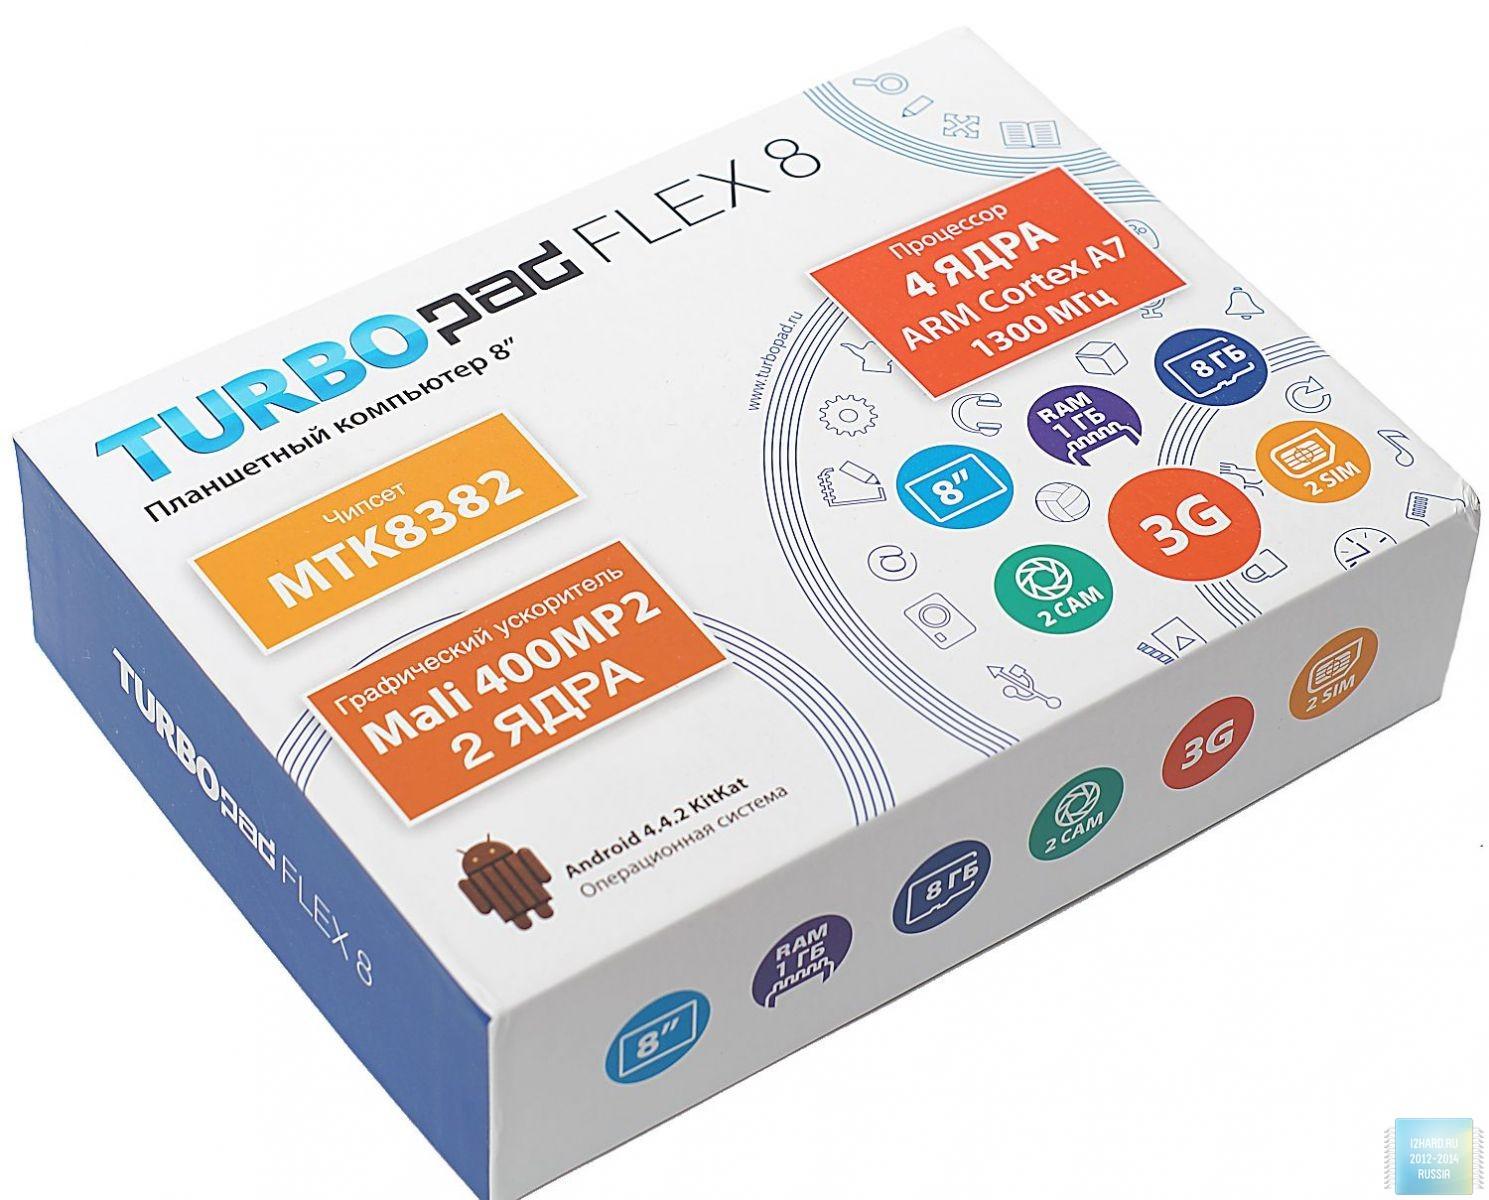 Упаковка планшета TurboPad Flex 8